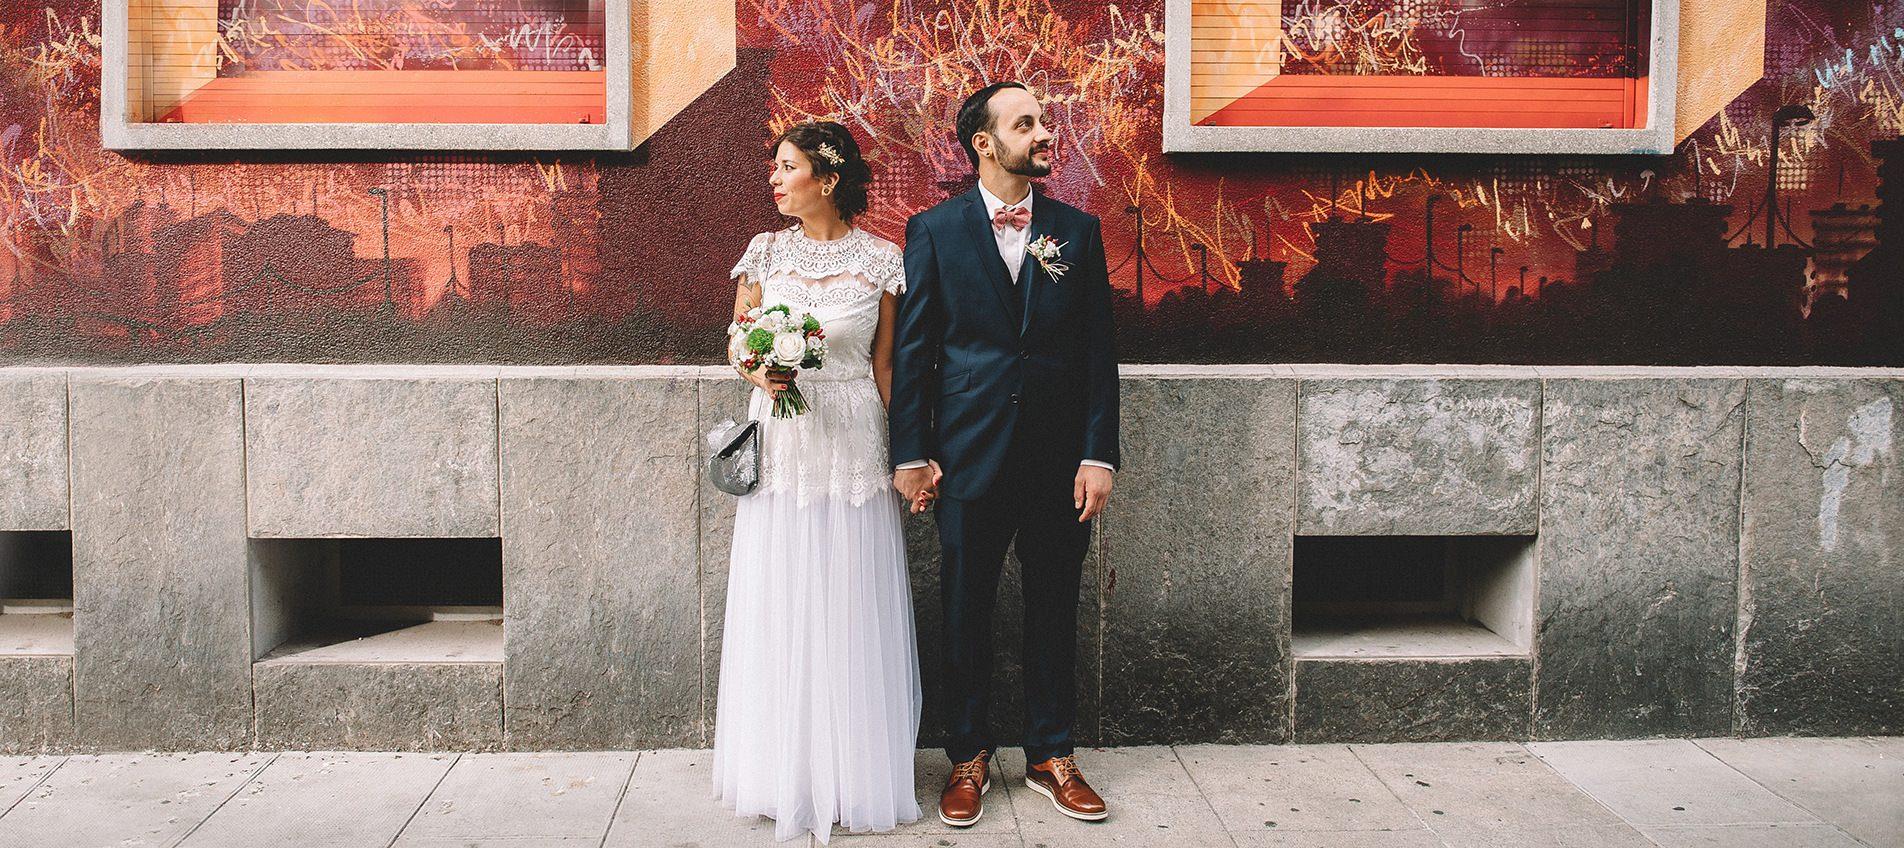 photographe mariage geneve breitenmoser photographe